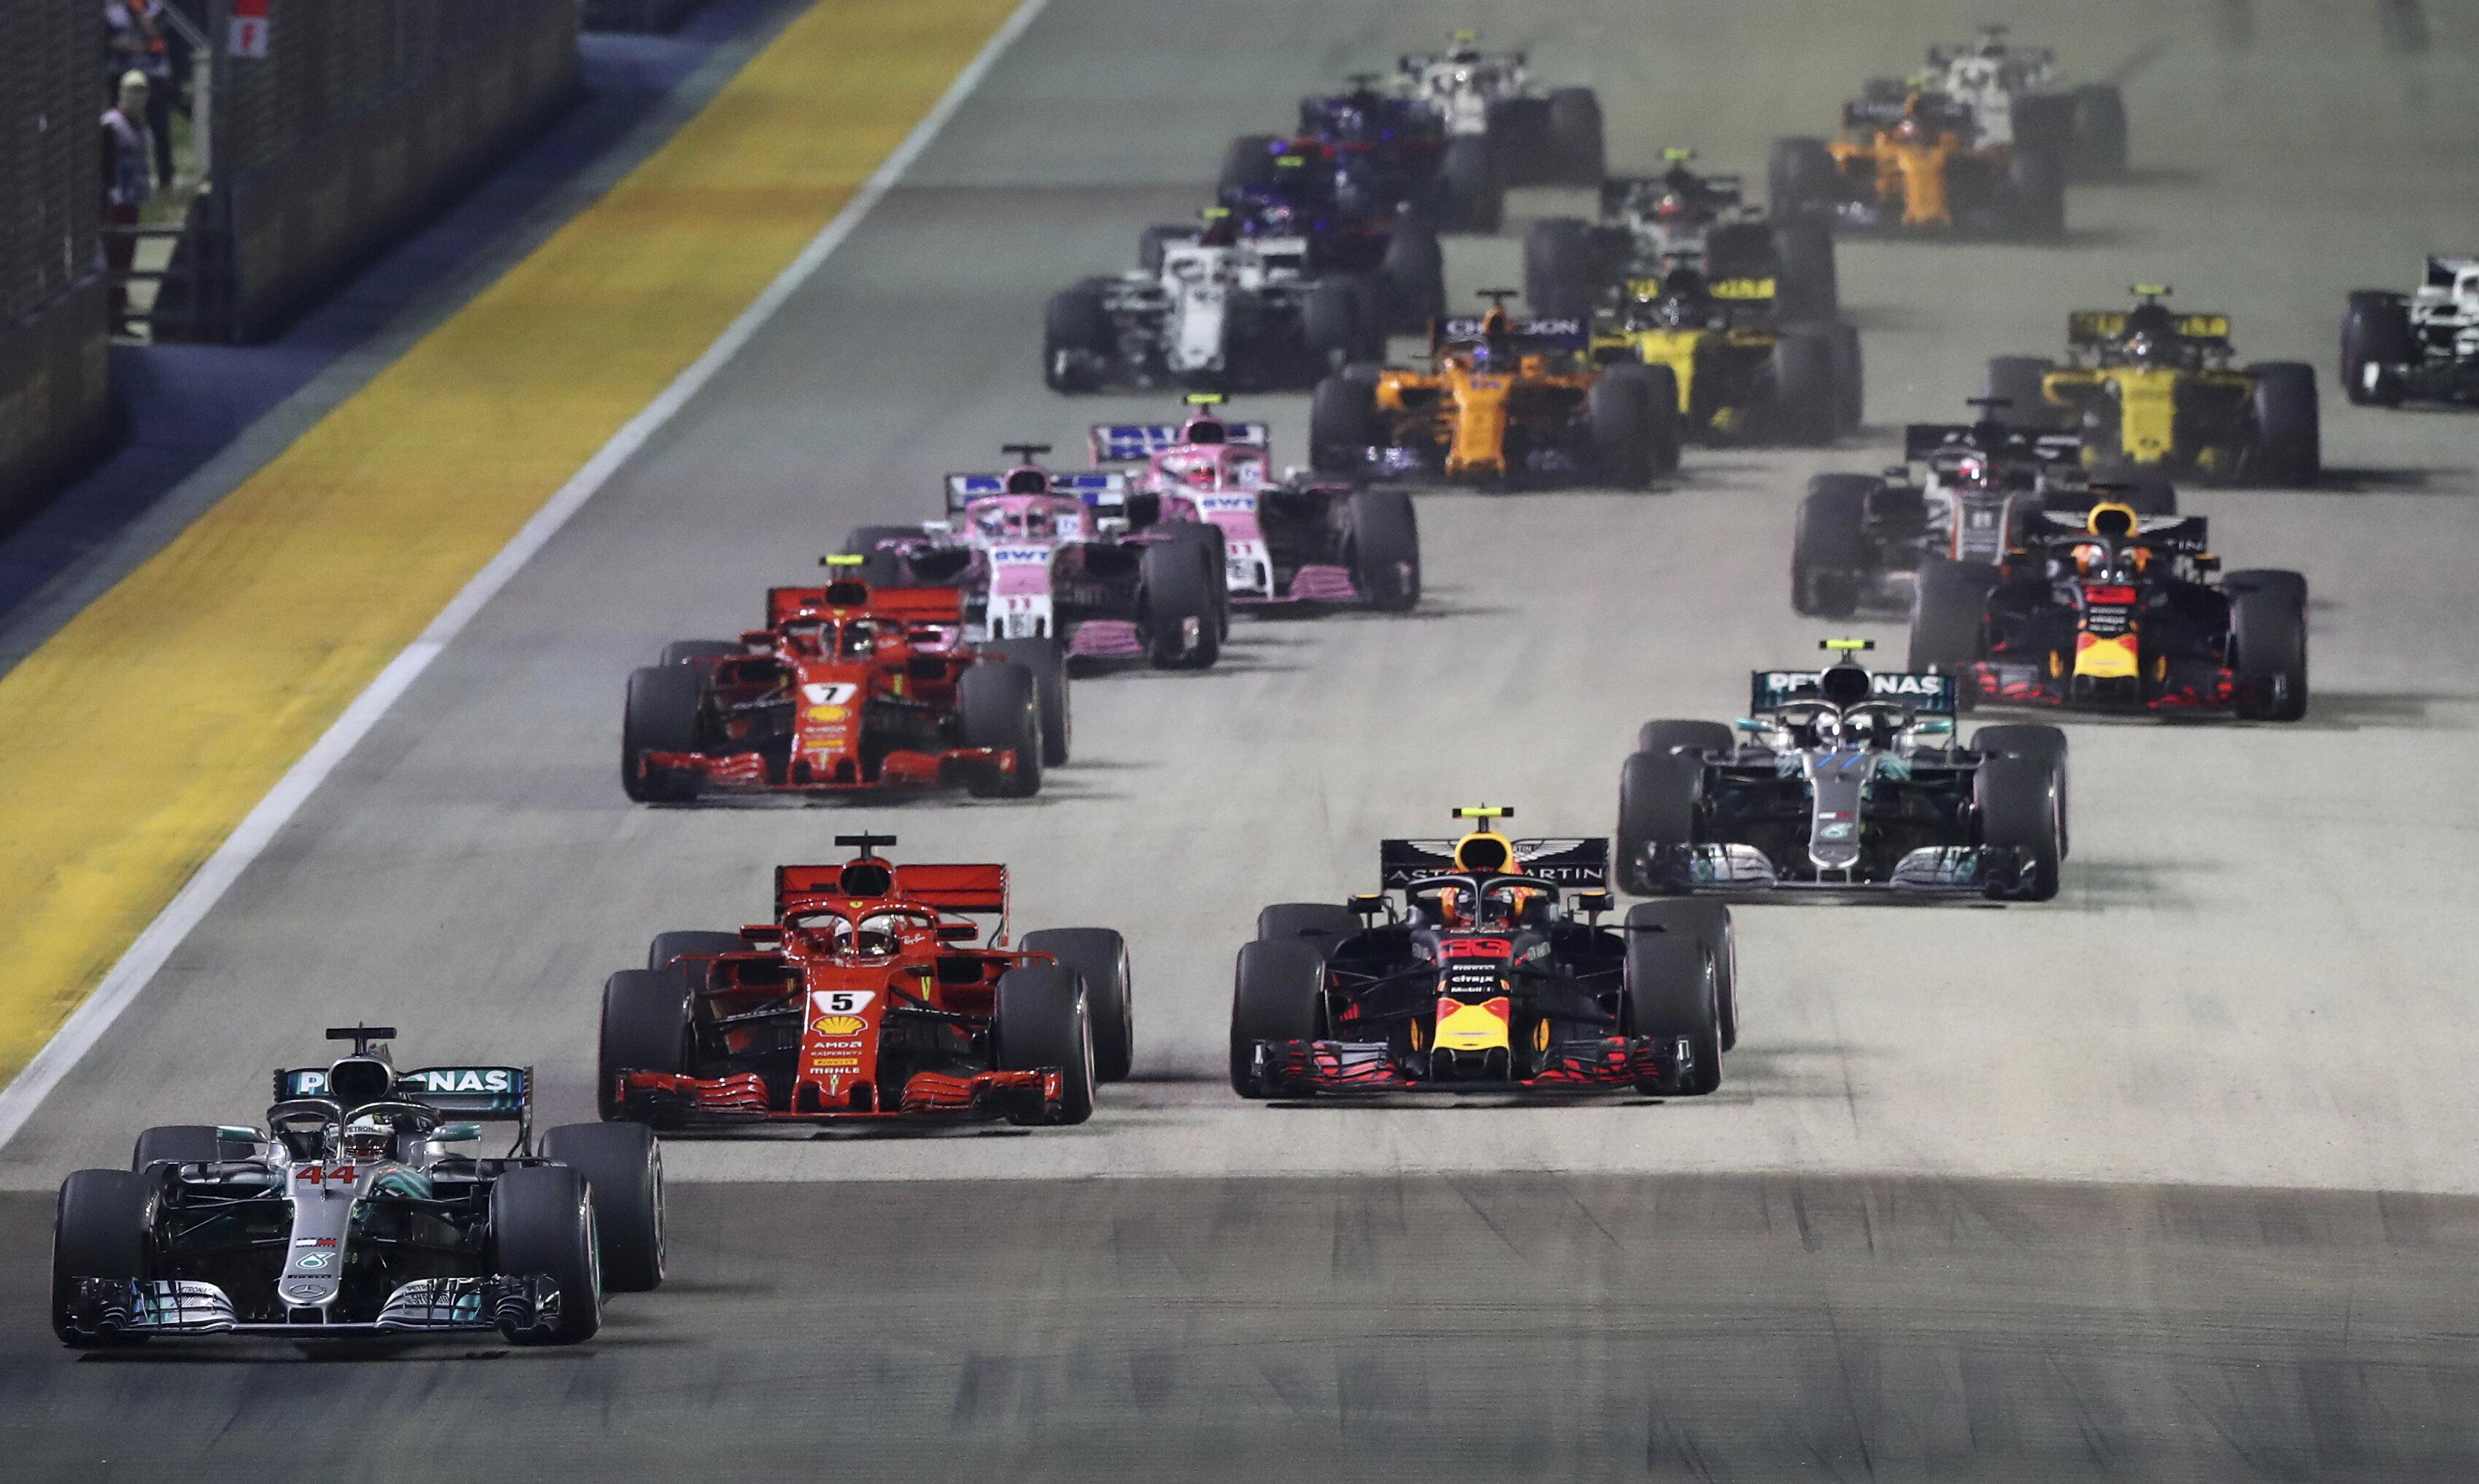 Un Grand-Prix de Formule 1 bientôt à